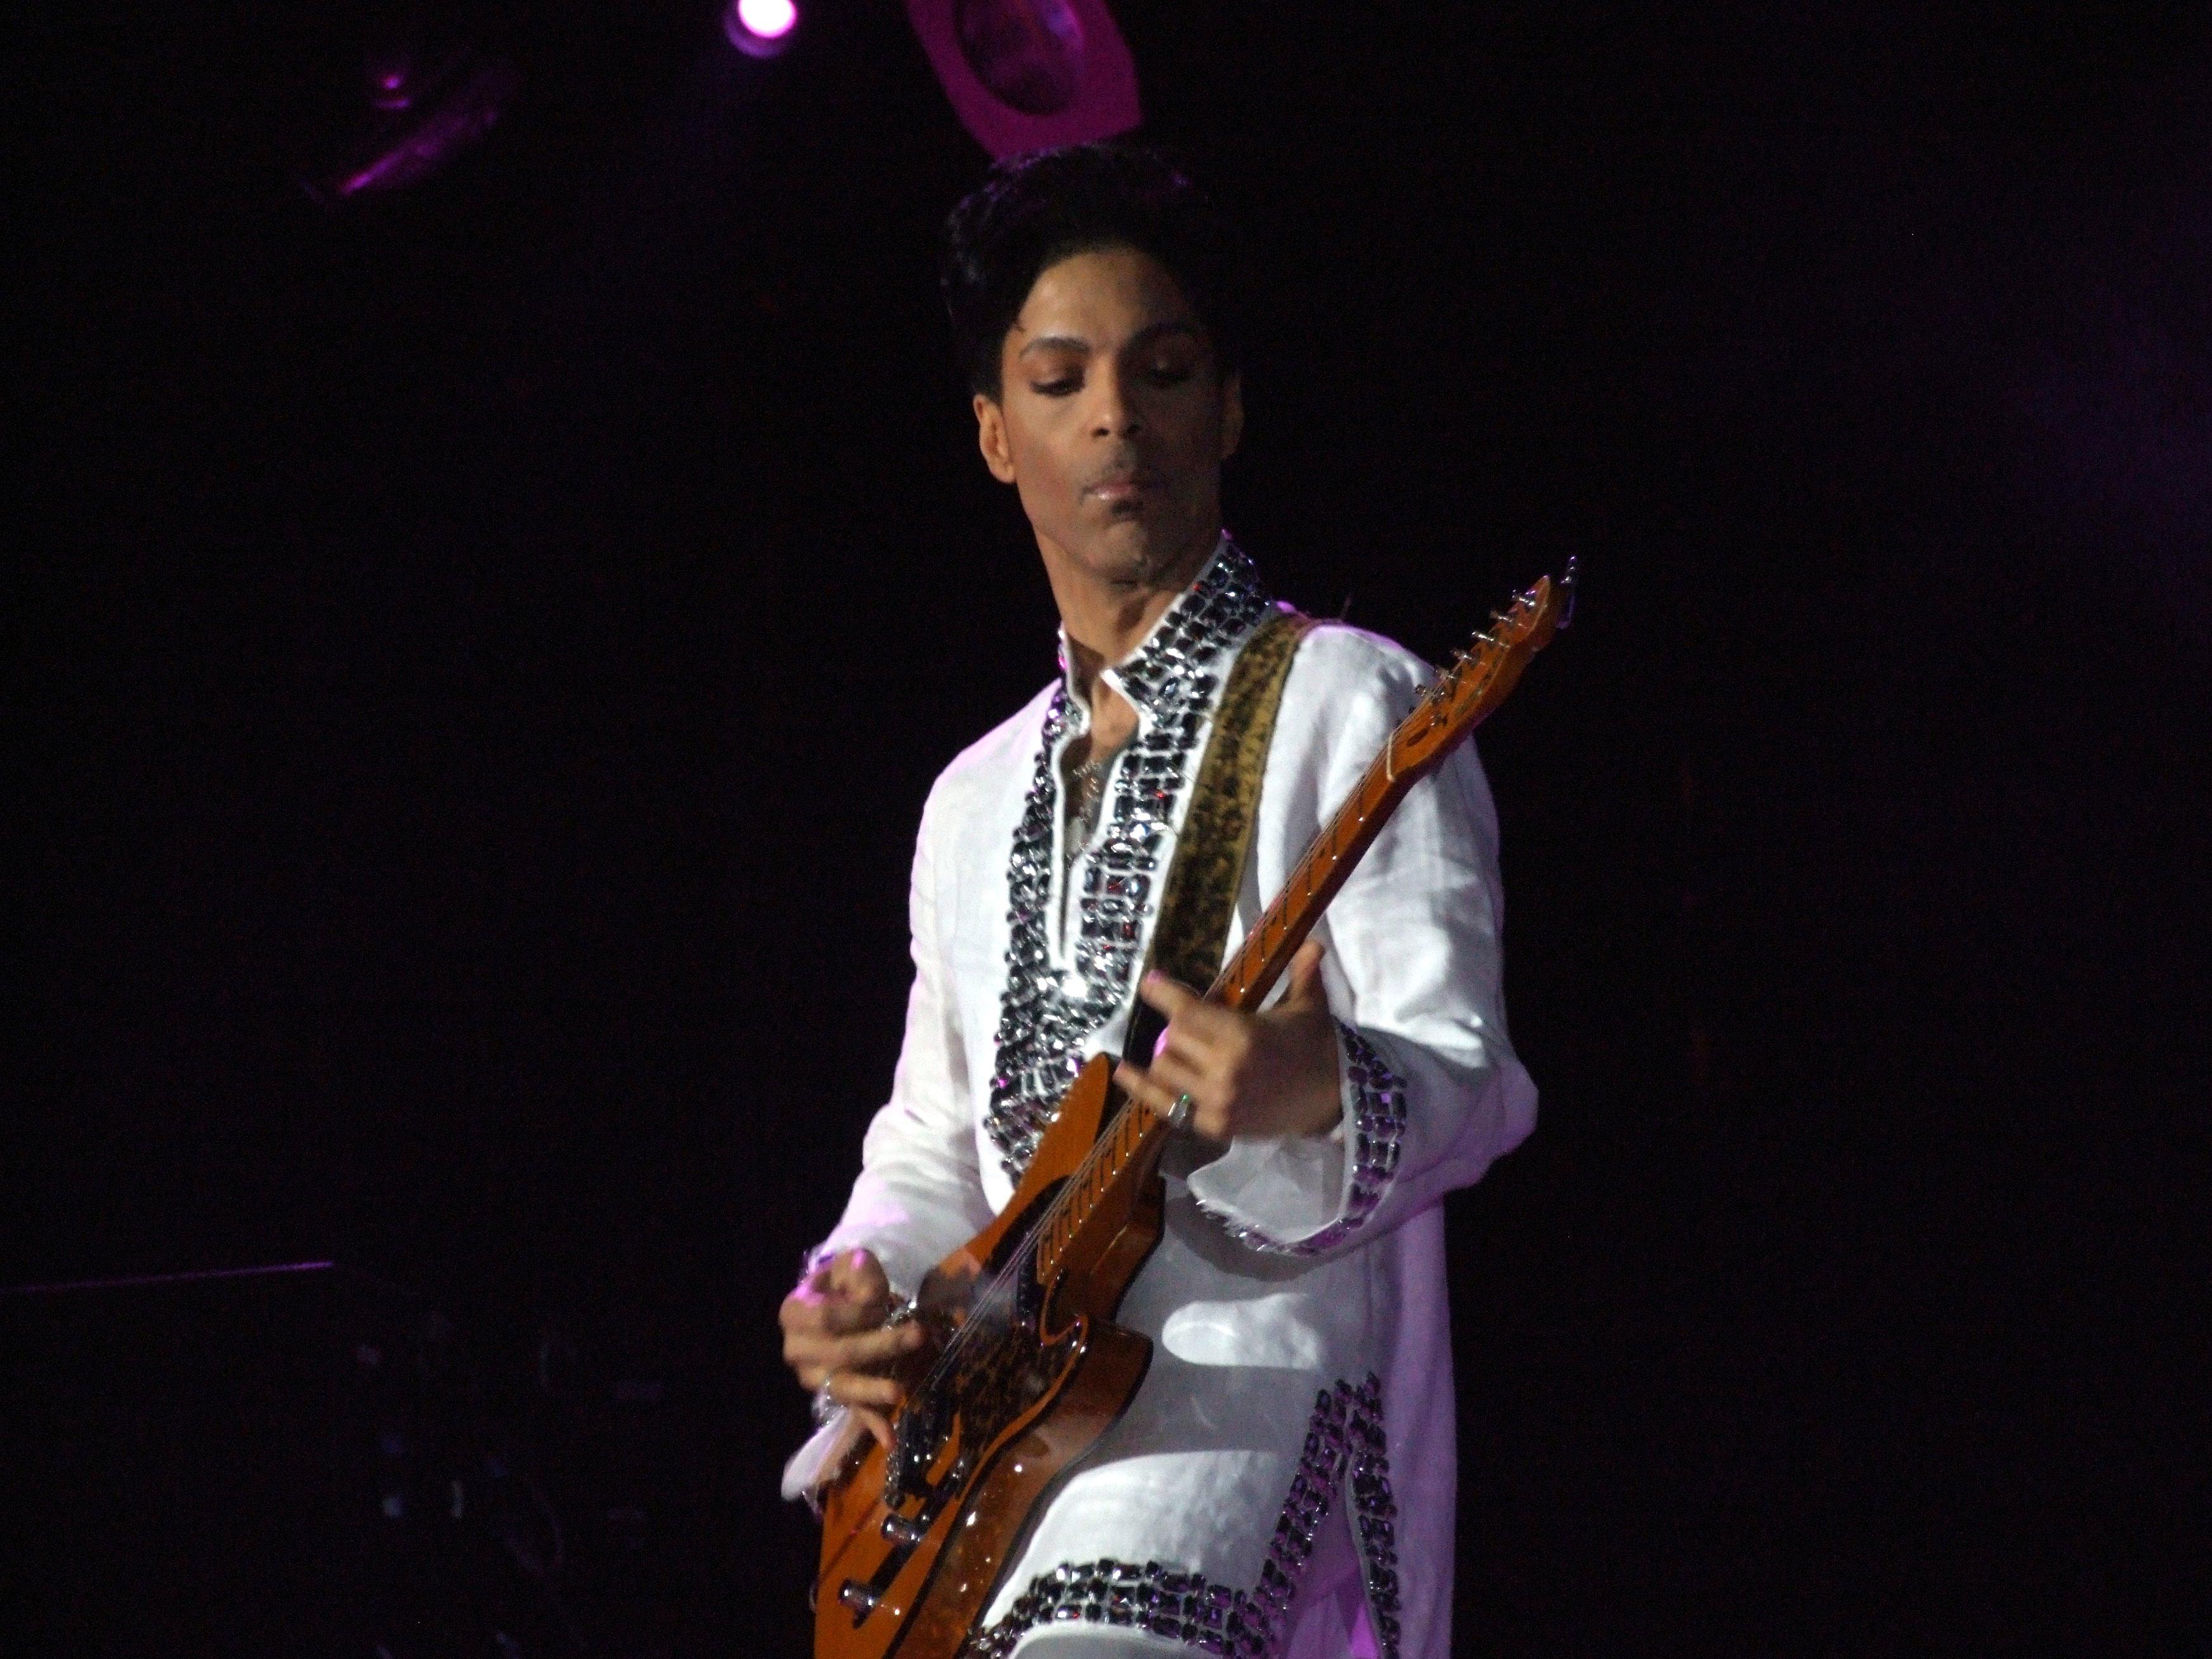 """Prince estrena su tema 'Baltimore' en un concierto """"para la pausa y la reflexión"""" tras disturbios en EE. UU."""